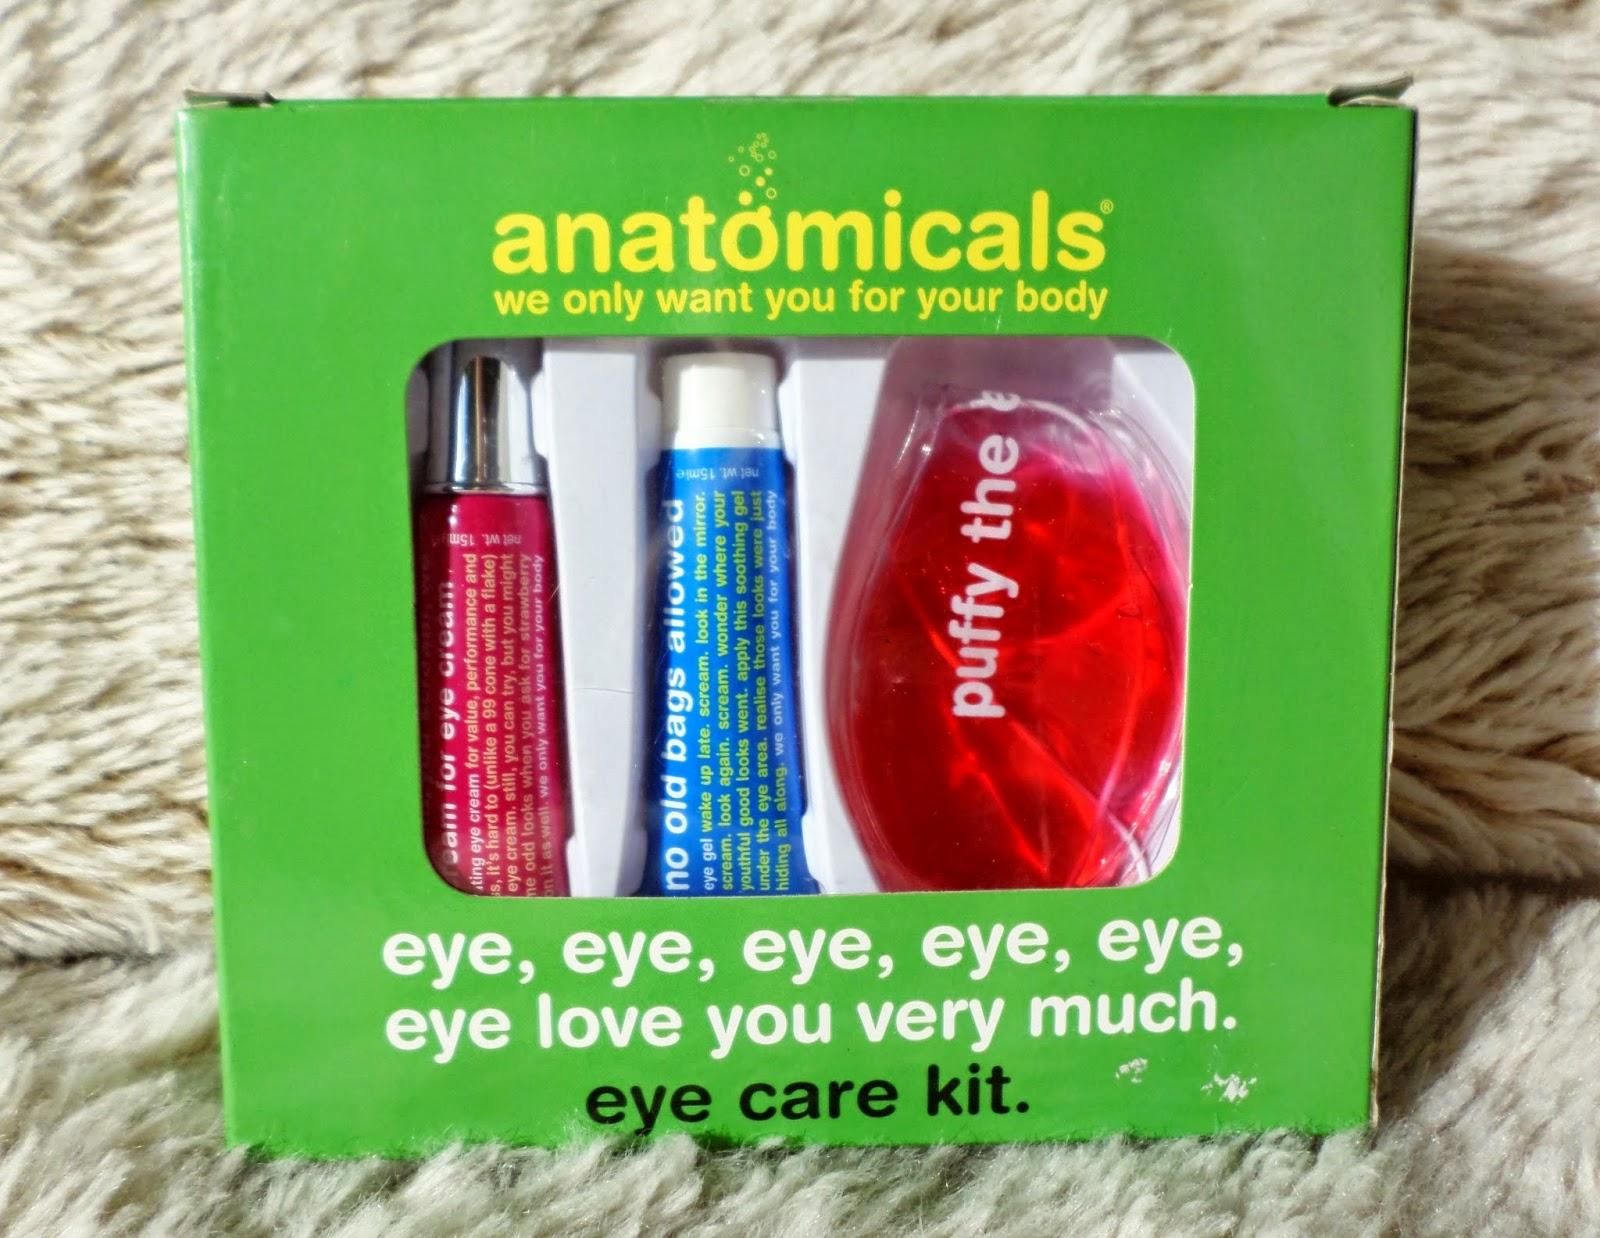 Anatomicals eye, eye, eye, eye, eye, eye love you very much eye care kit